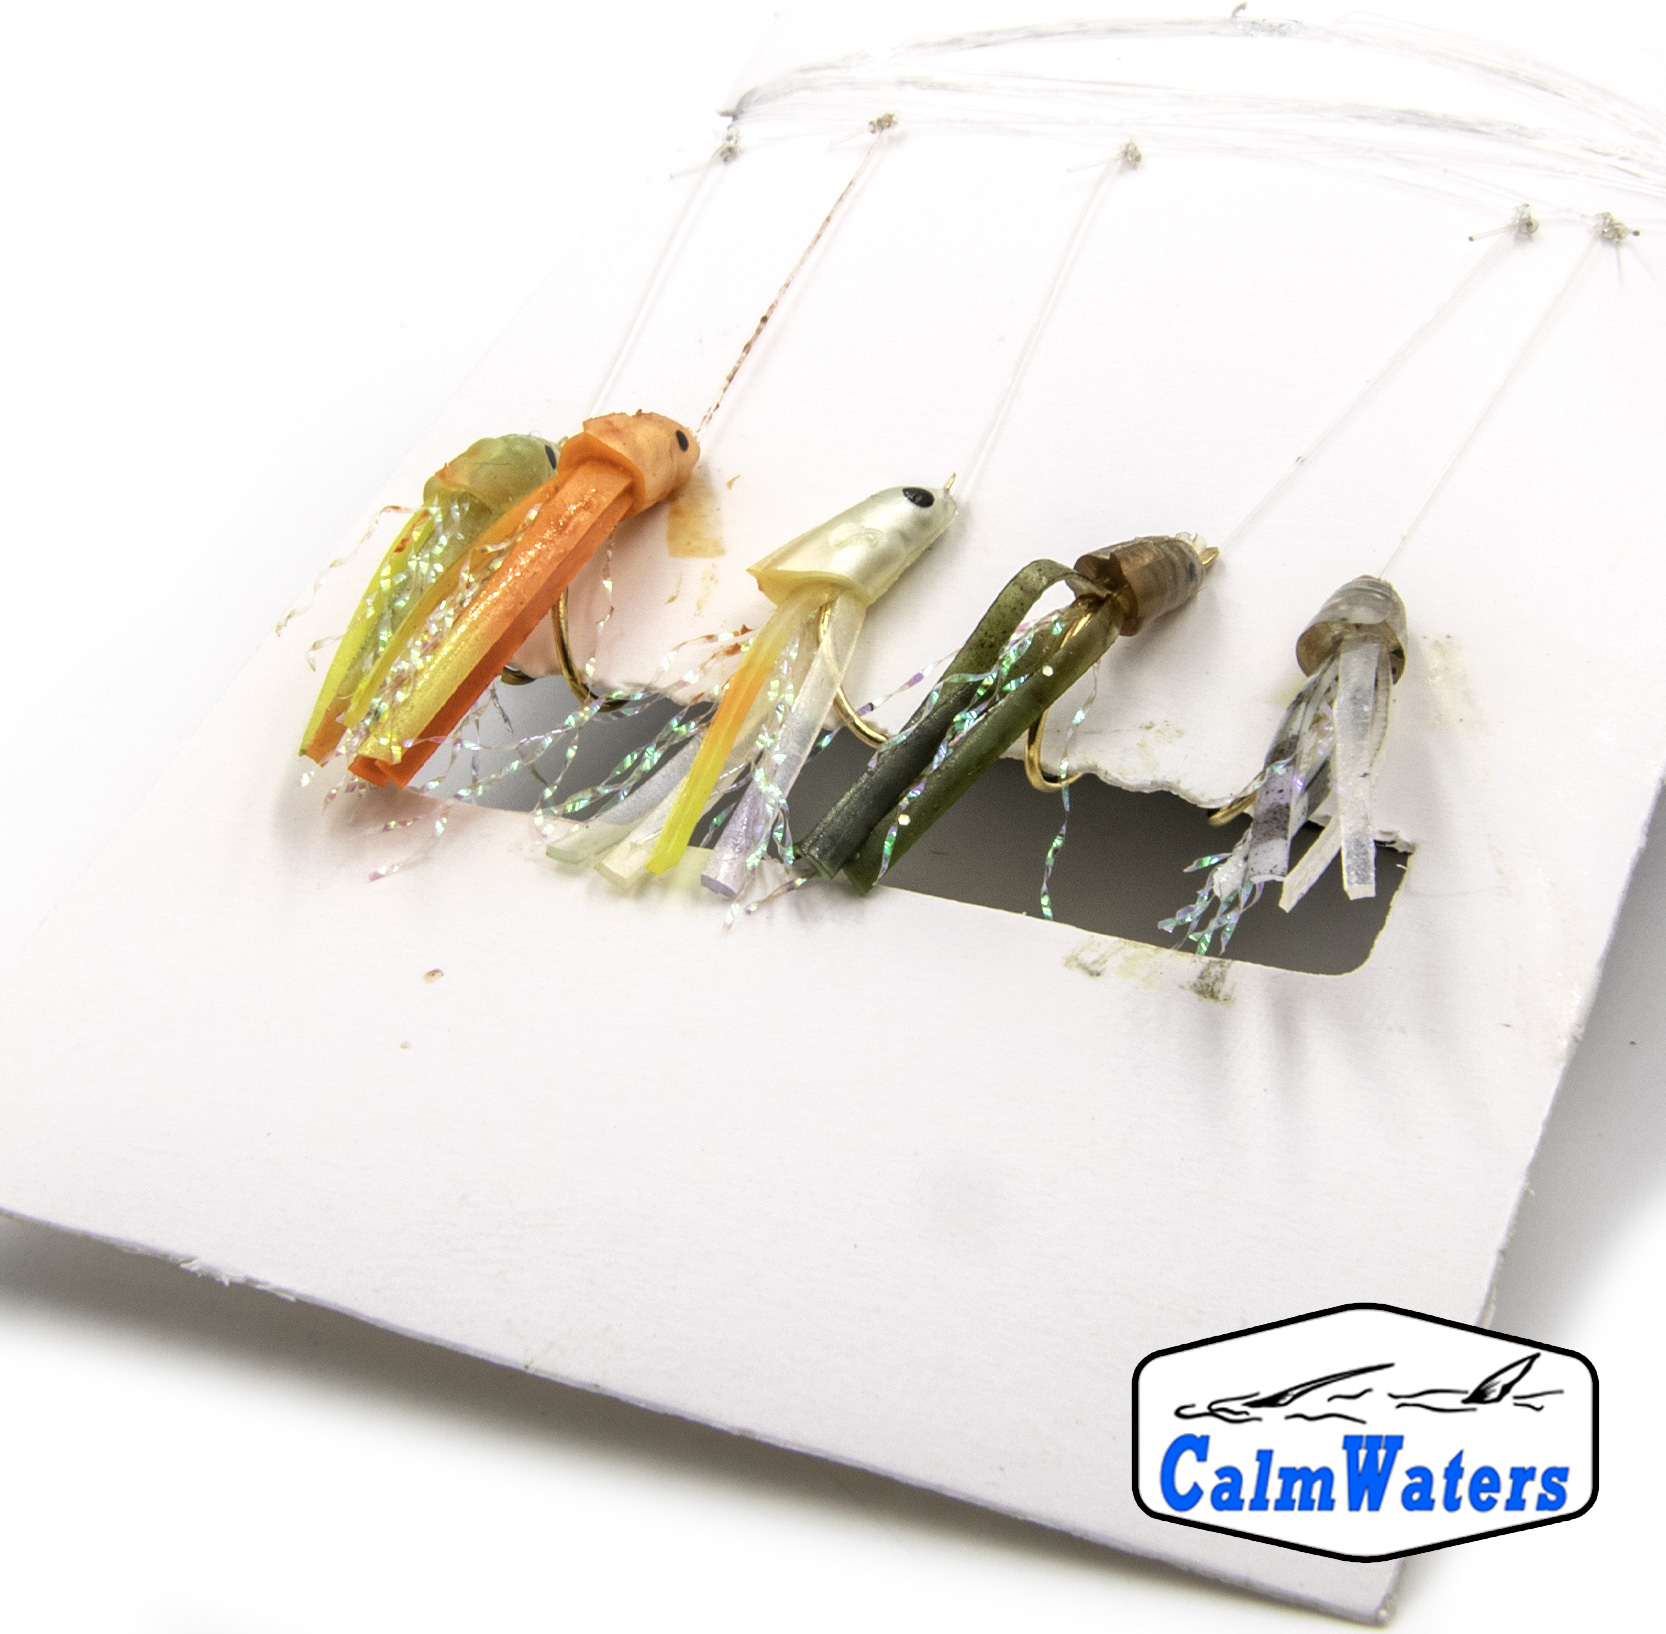 Amettiera per persico reale montata su amo dorato del 6. Corpi in silicone e materiali sintetico di colori differenti con l'aggiunta di fibre riflettenti per aumentare la visibilità. Montatura pronta all'uso.